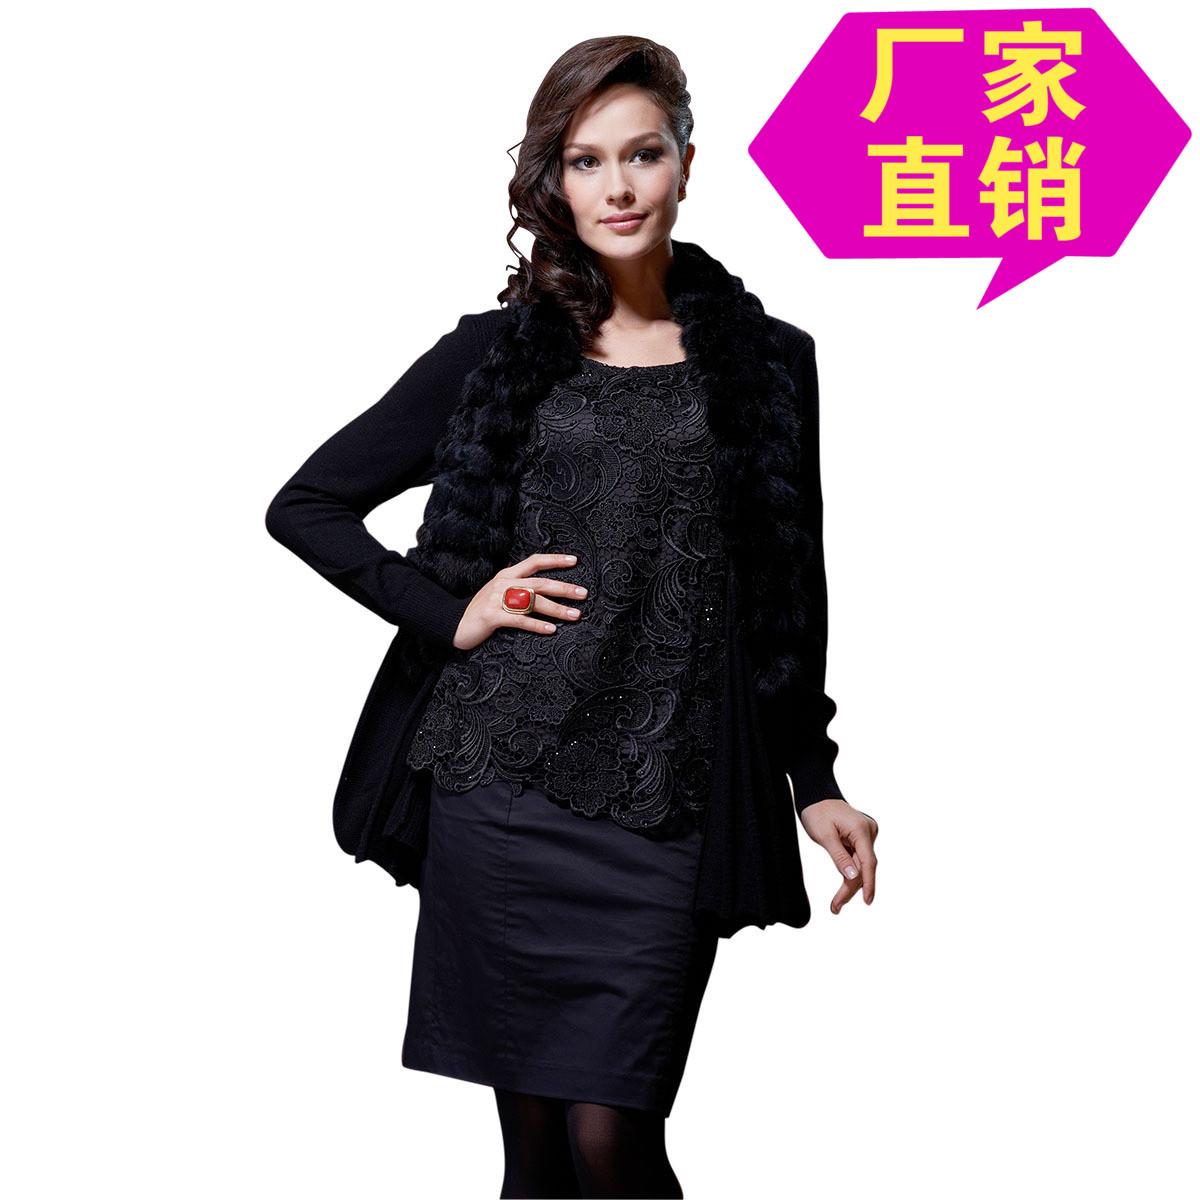 御之绣 2012秋冬新品 贵妇毛领价两件套 羊毛毛衣H82525